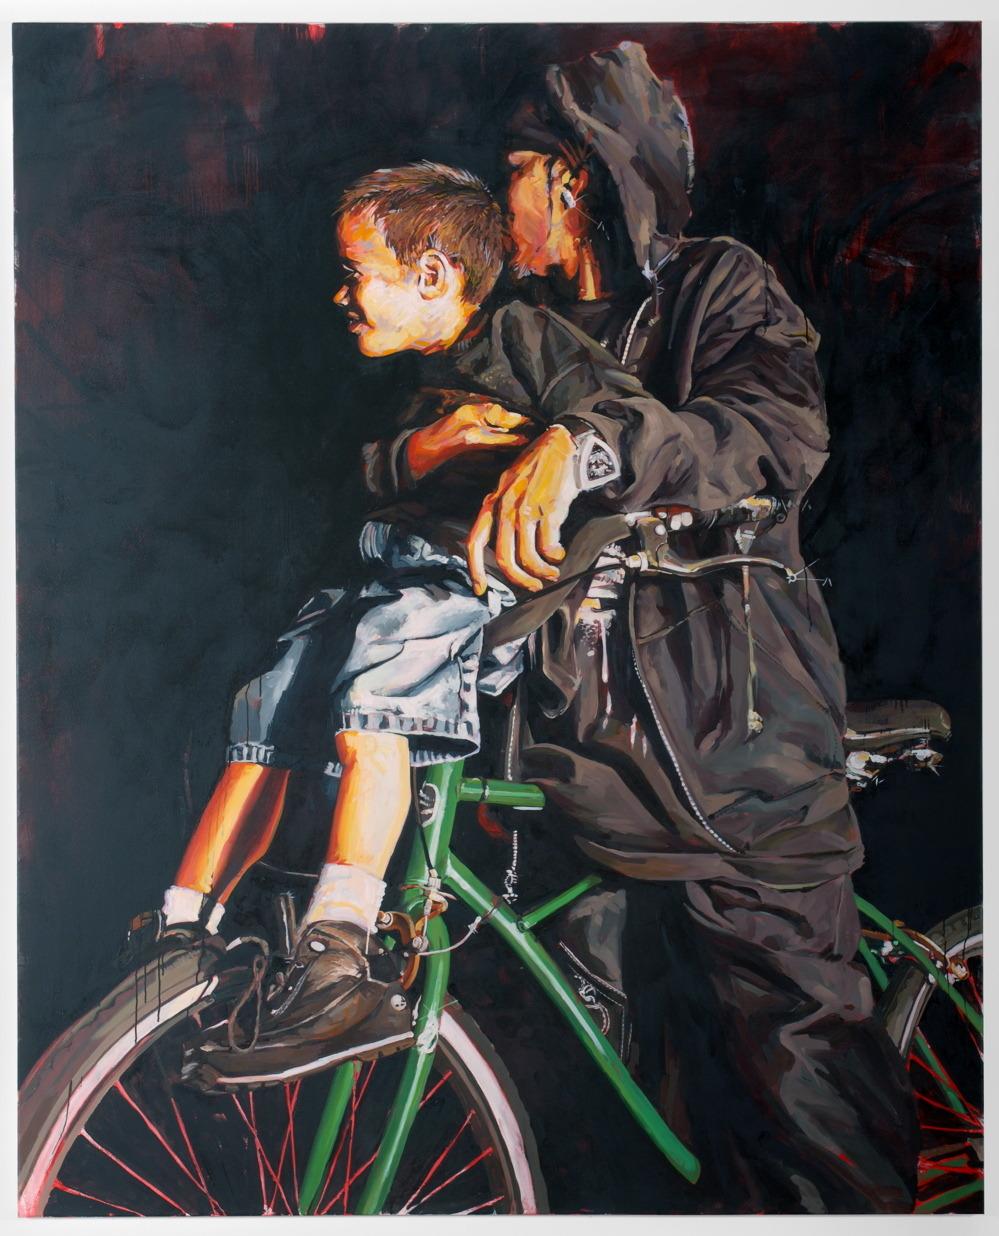 """MICHAEL VASQUEZ    """"The Neighborhood Tour"""" 2007    acrylic, oil, and spray paint on canvas    96 x 78"""""""